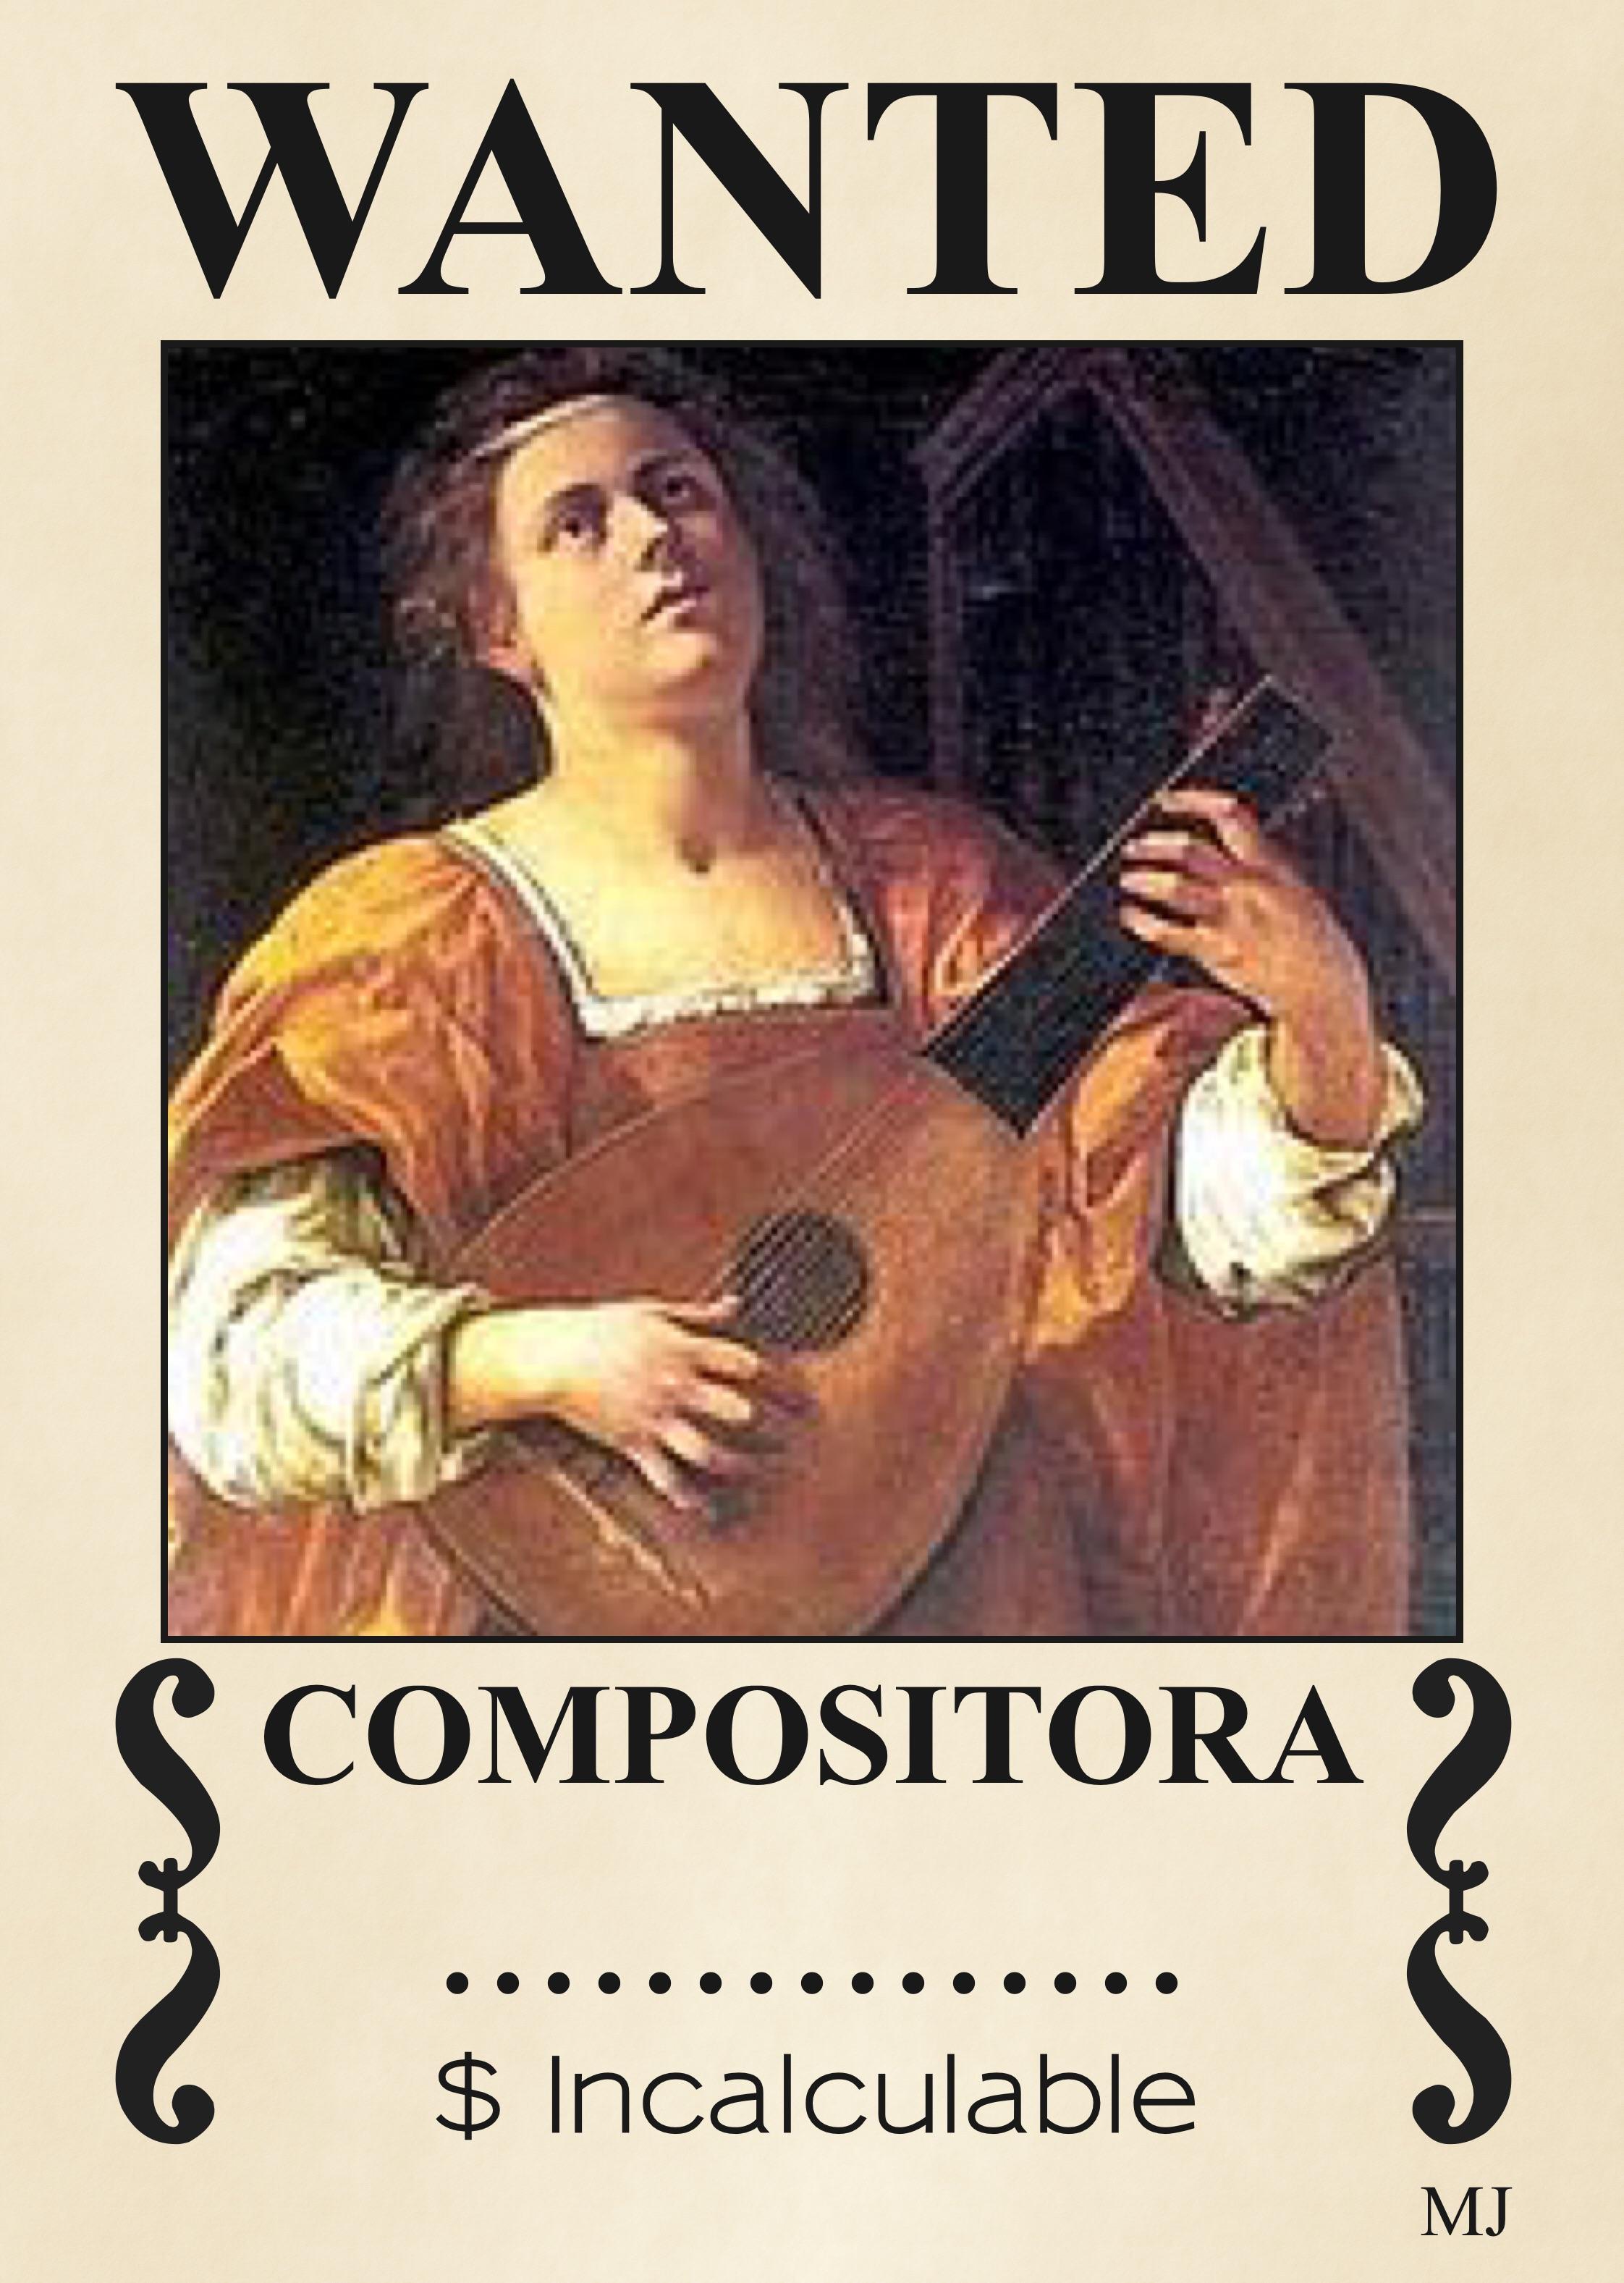 compositora13